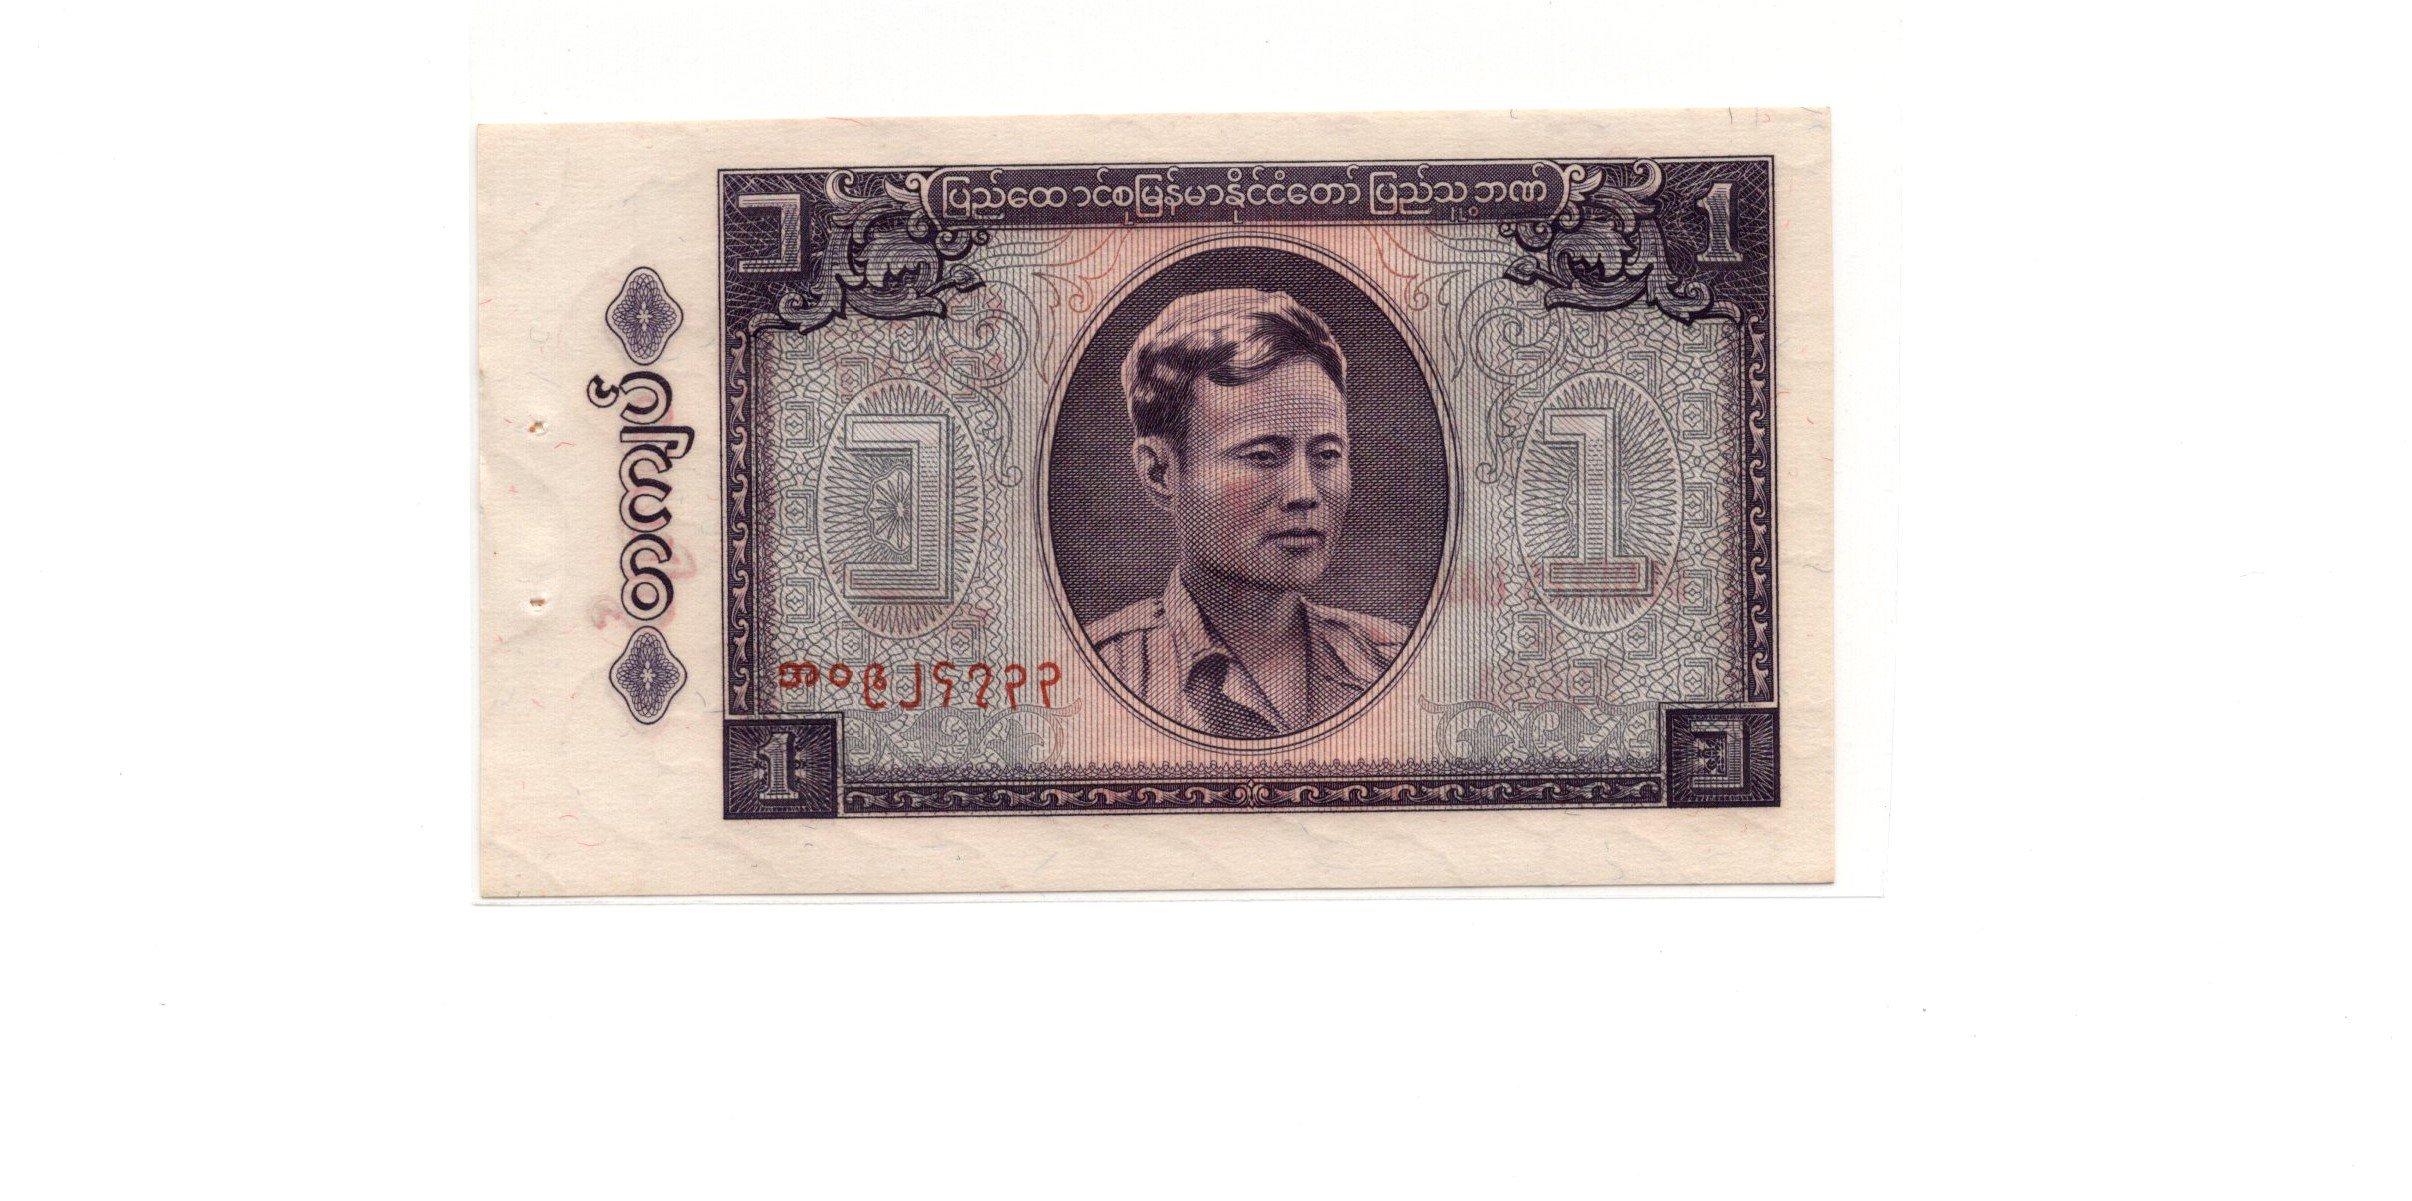 Burma 1 kyat 1965